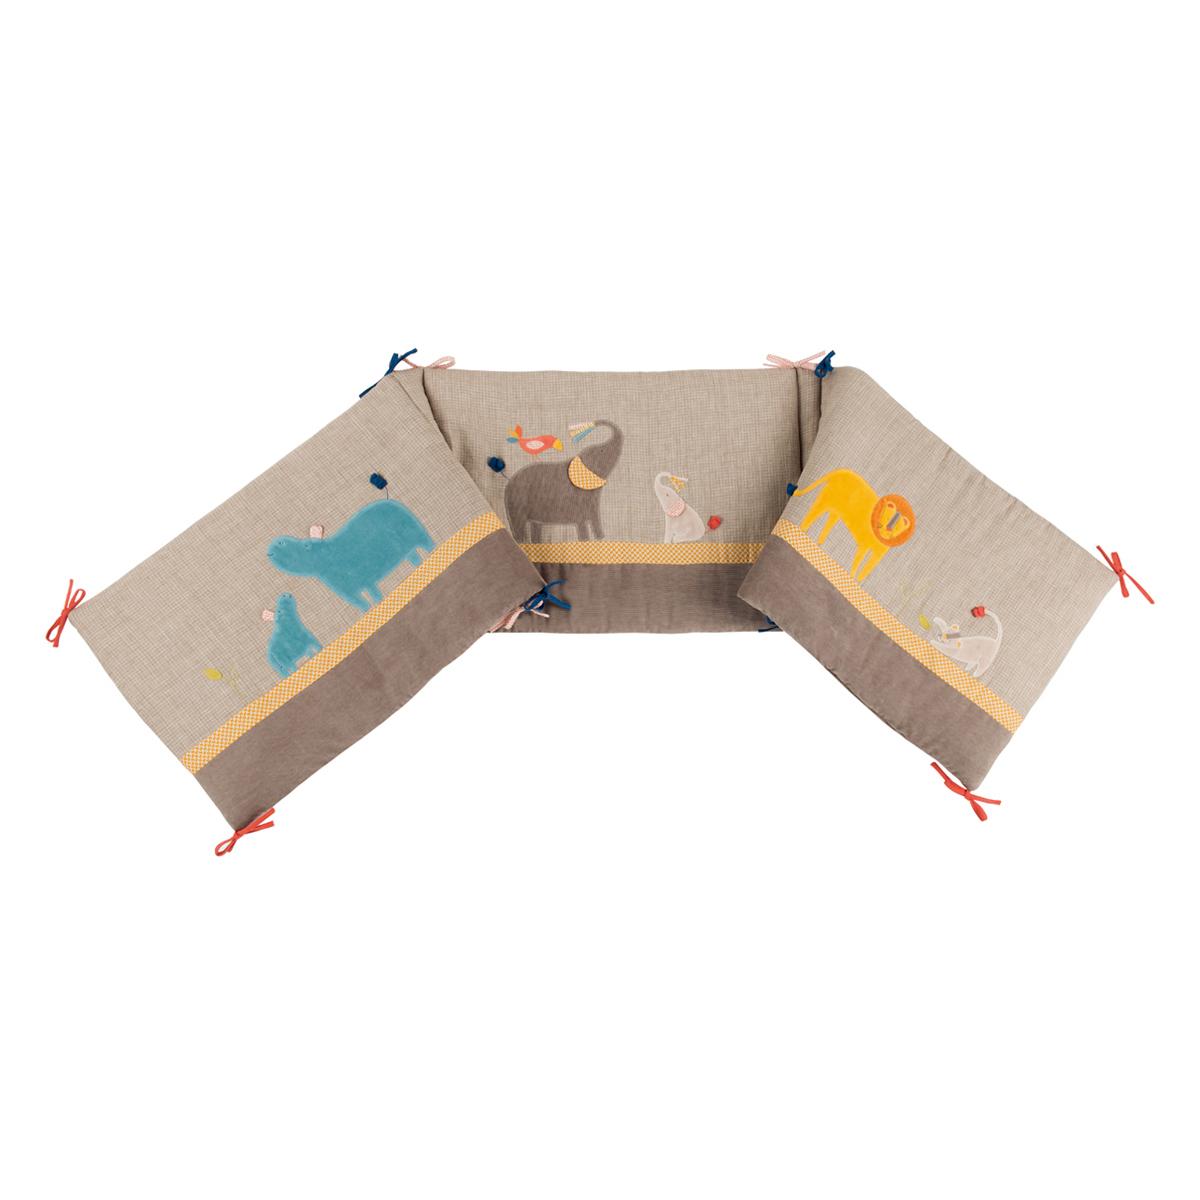 「Les Papoum」ベッドサイドパネル